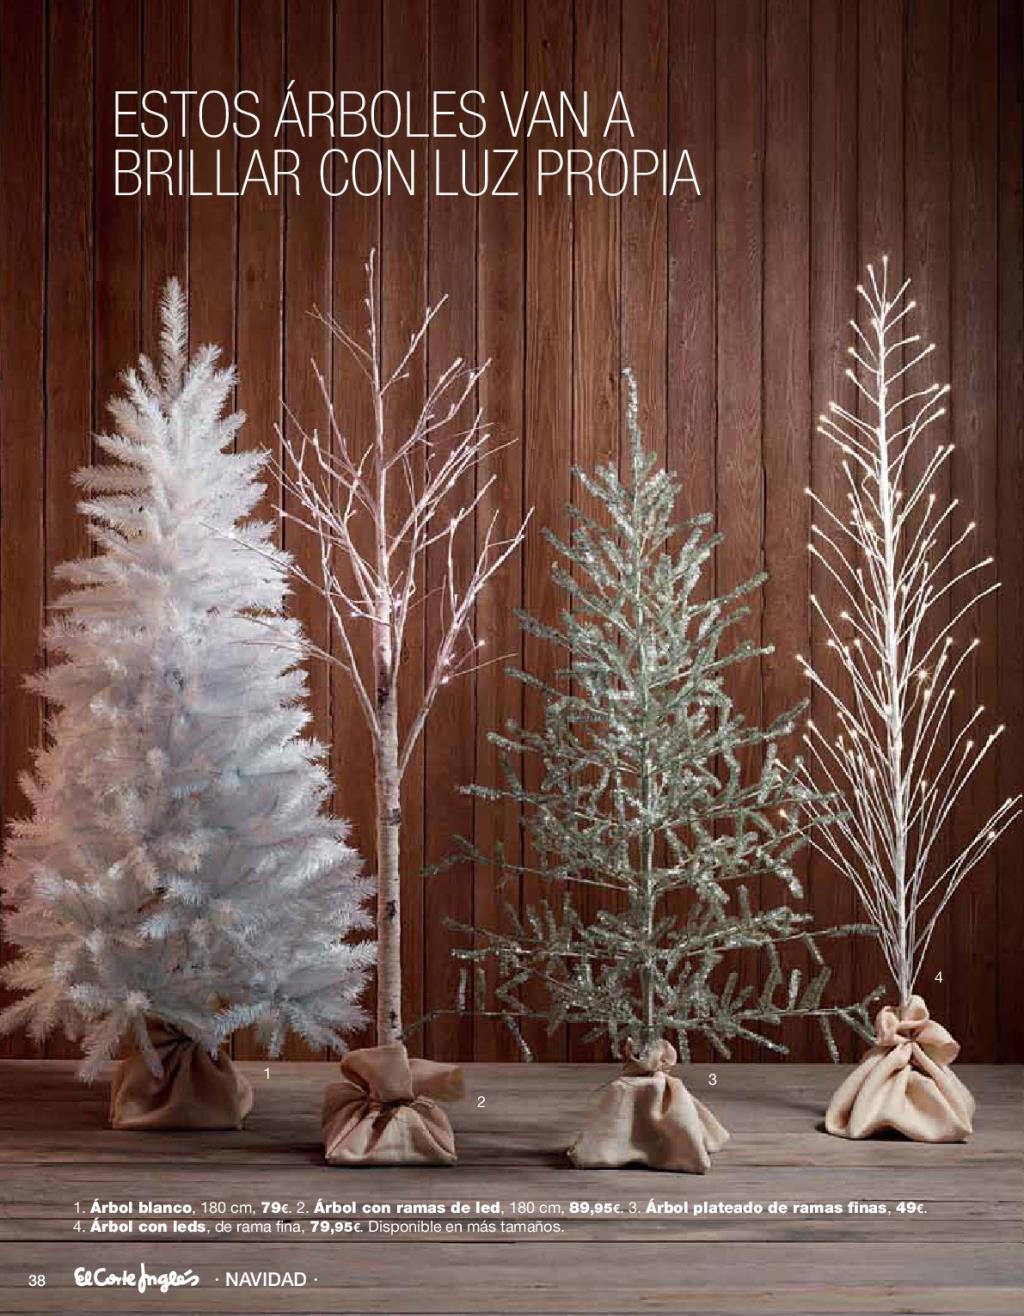 Navidad el corte ingles38 for Adornos de navidad el corte ingles